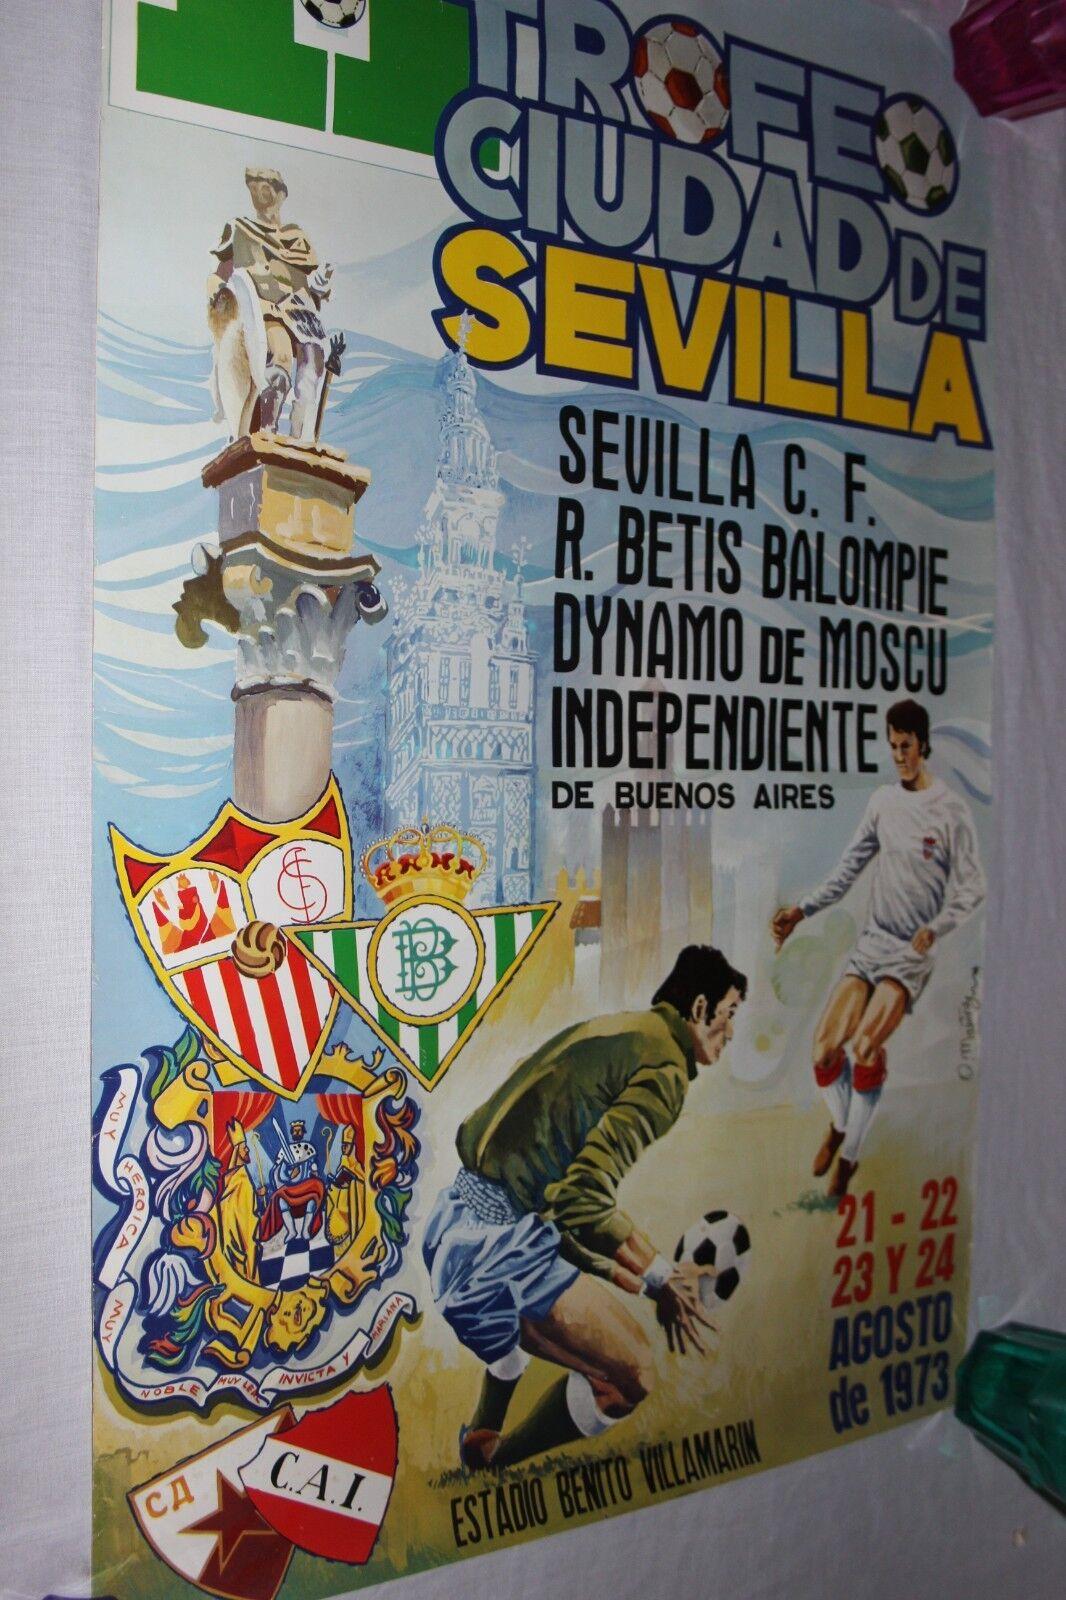 POSTER SUPER GRANDE DEL Ii TROFEO CIUDAD DE SEVILLA EN AGOSTO DE 1.973 VINTAGE